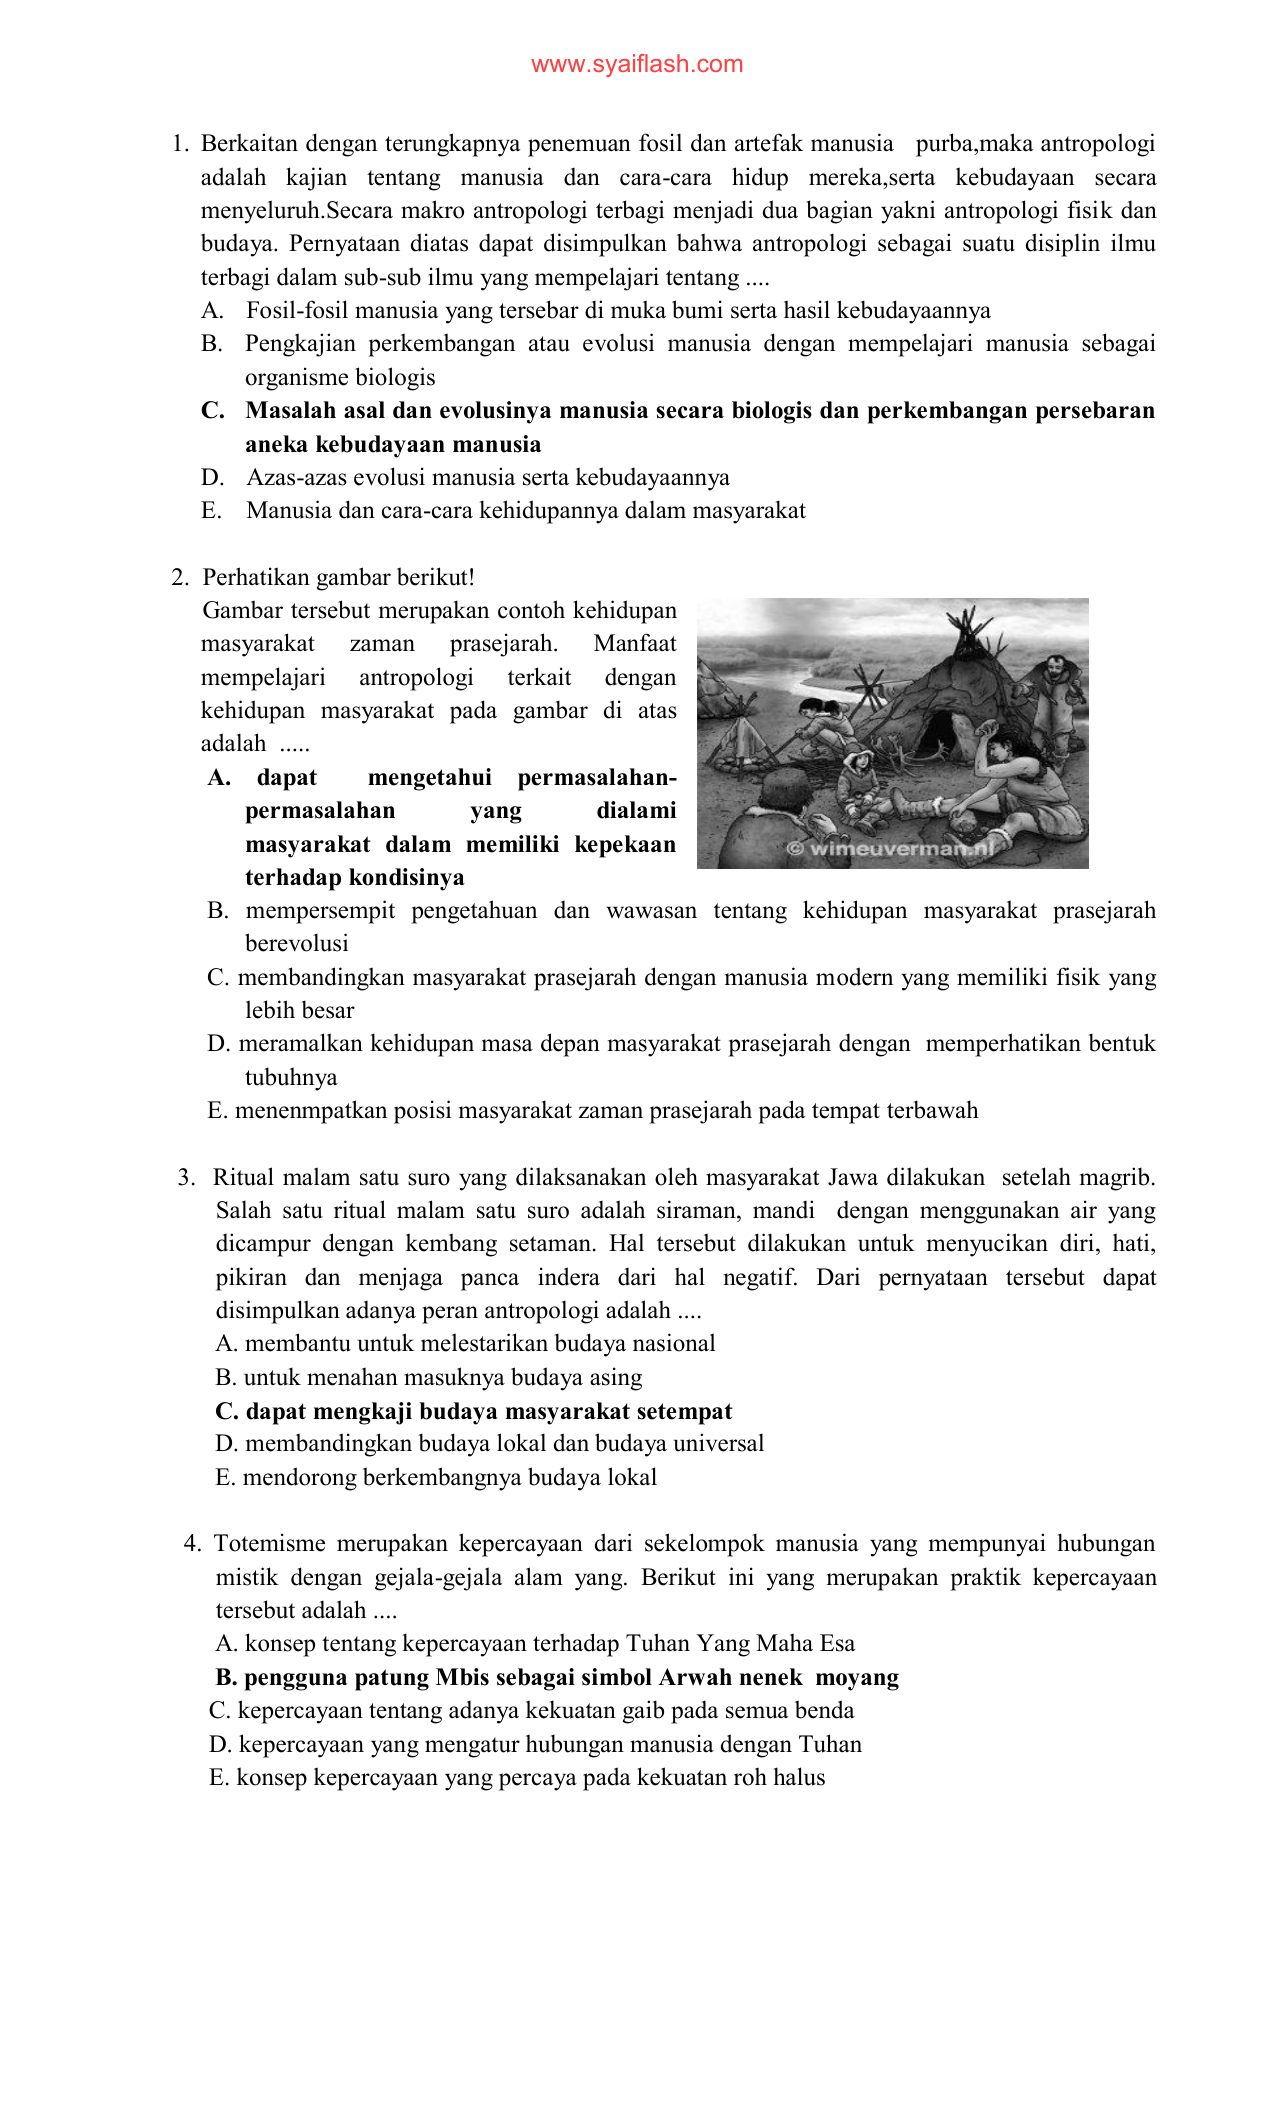 Soal Antropologi Paket A